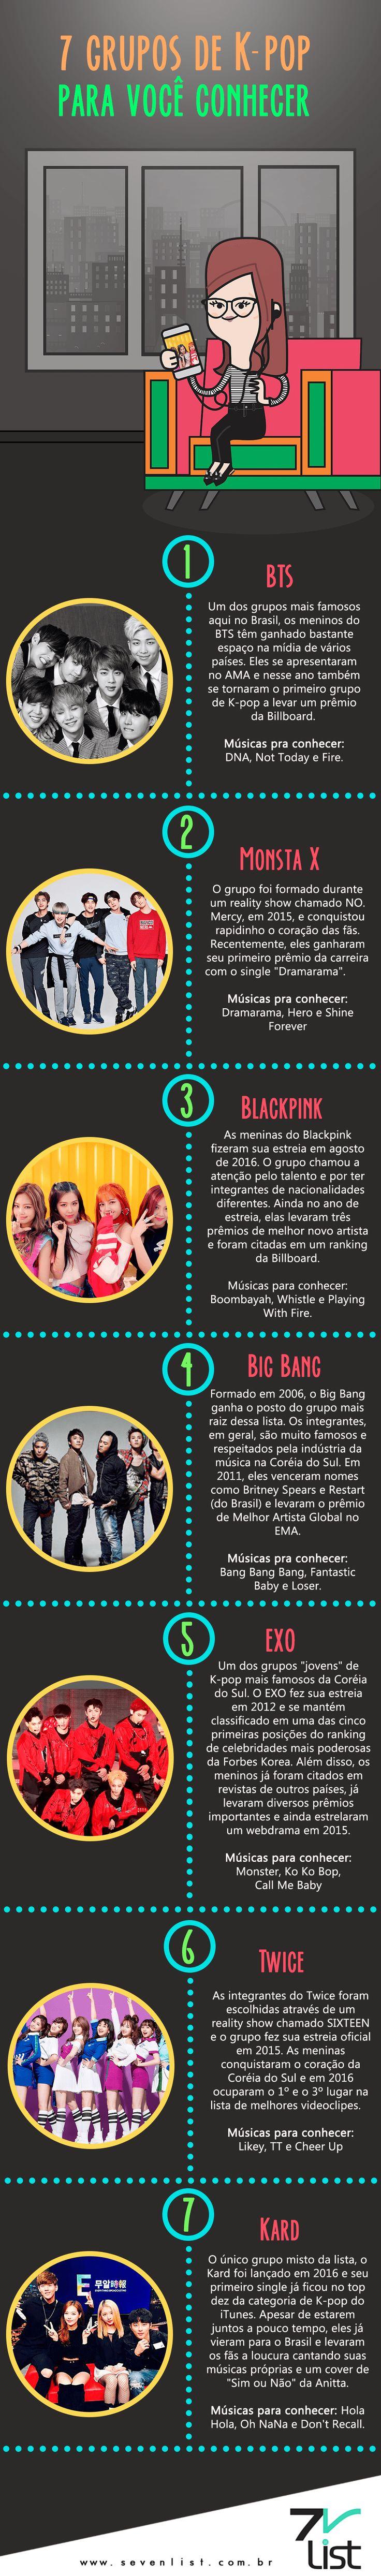 Se você acompanha um pouquinho do que rola no mundo do entretenimento, provavelmente, já viu alguma notícia sobre grupos de música pop sul coreana. Mais conhecido como K-pop, o gênero está tomando conta do mundo